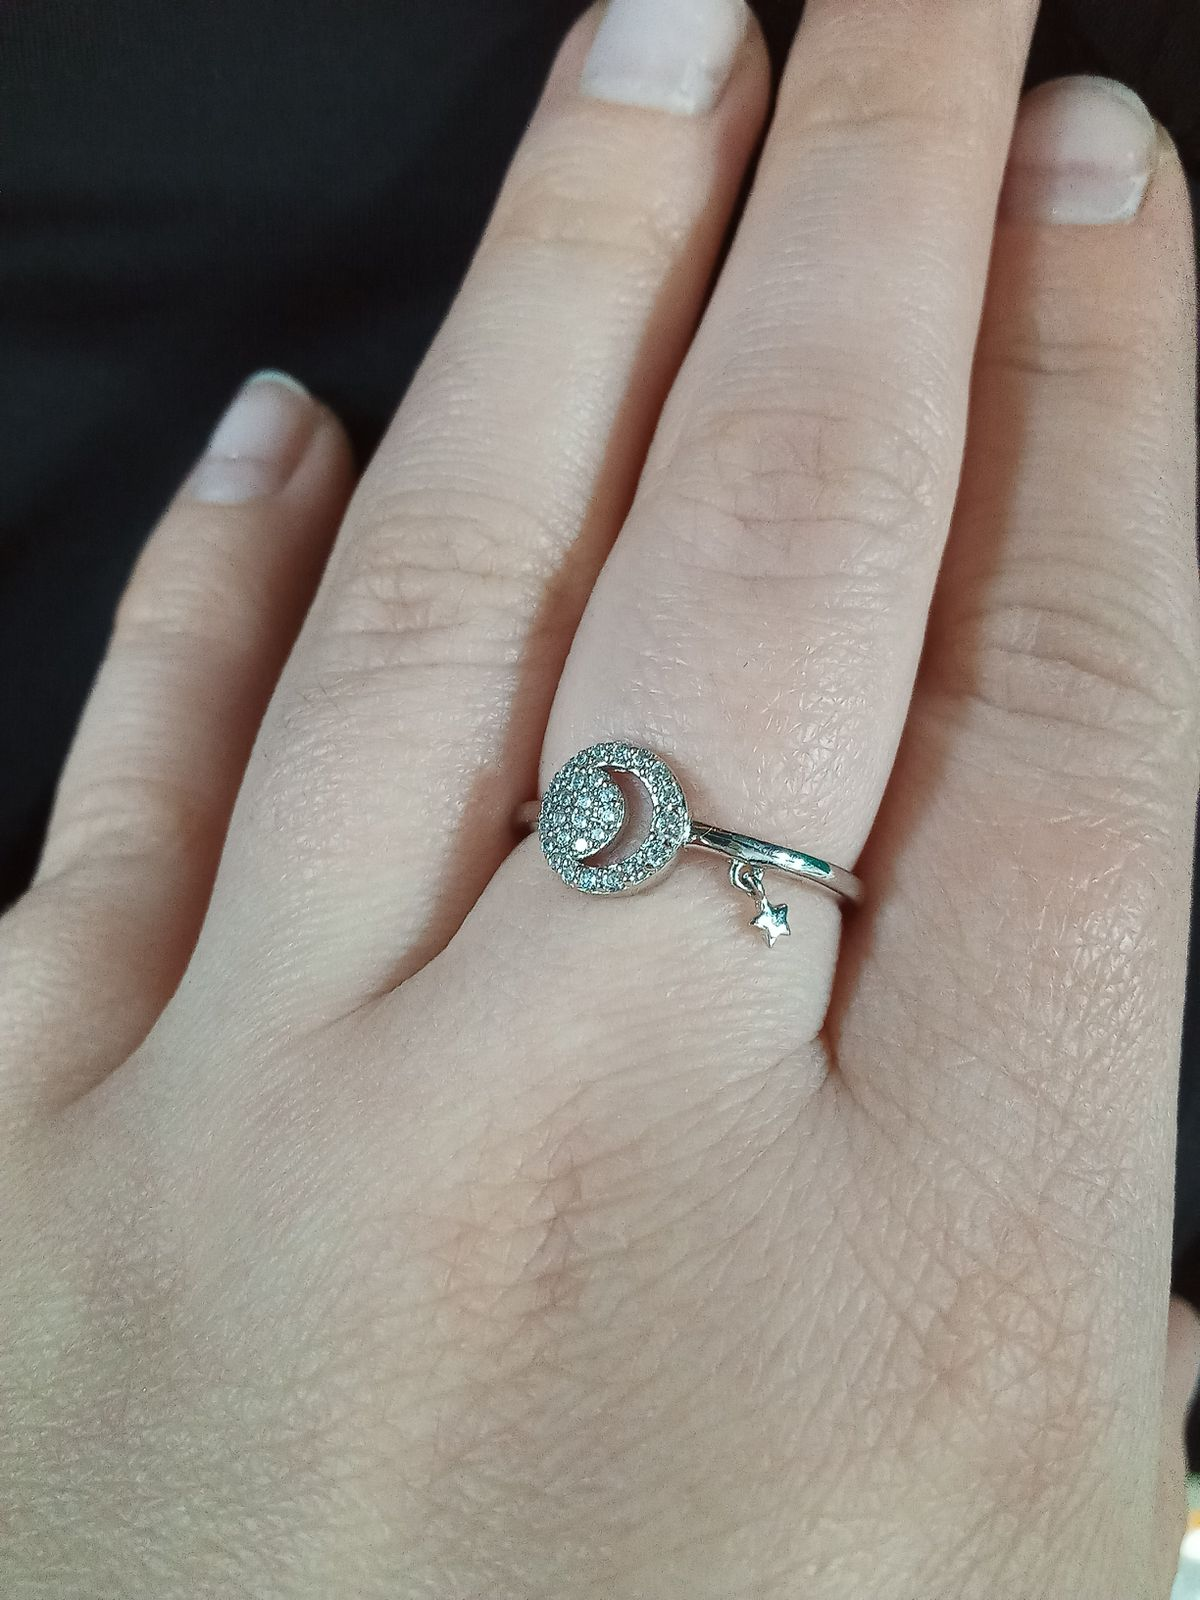 Очень милое кольцо , смотрится необычно